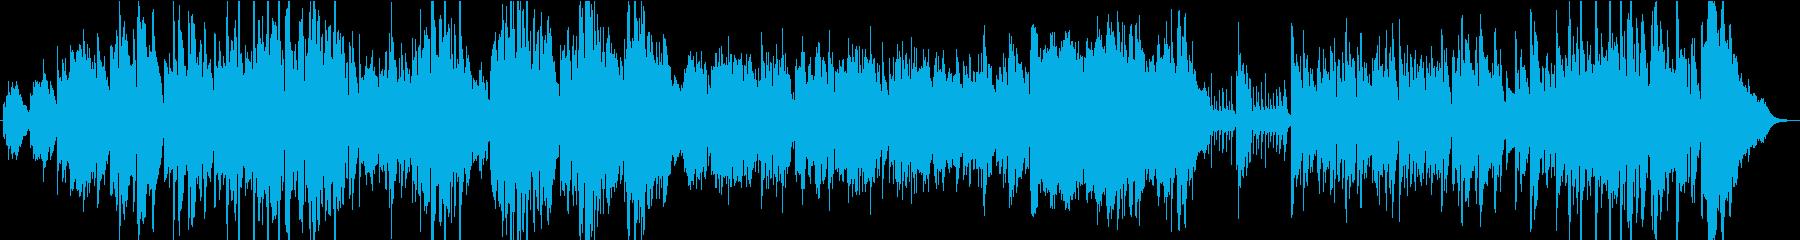 ジャズ。ソロトロンボーンとピアノラ...の再生済みの波形